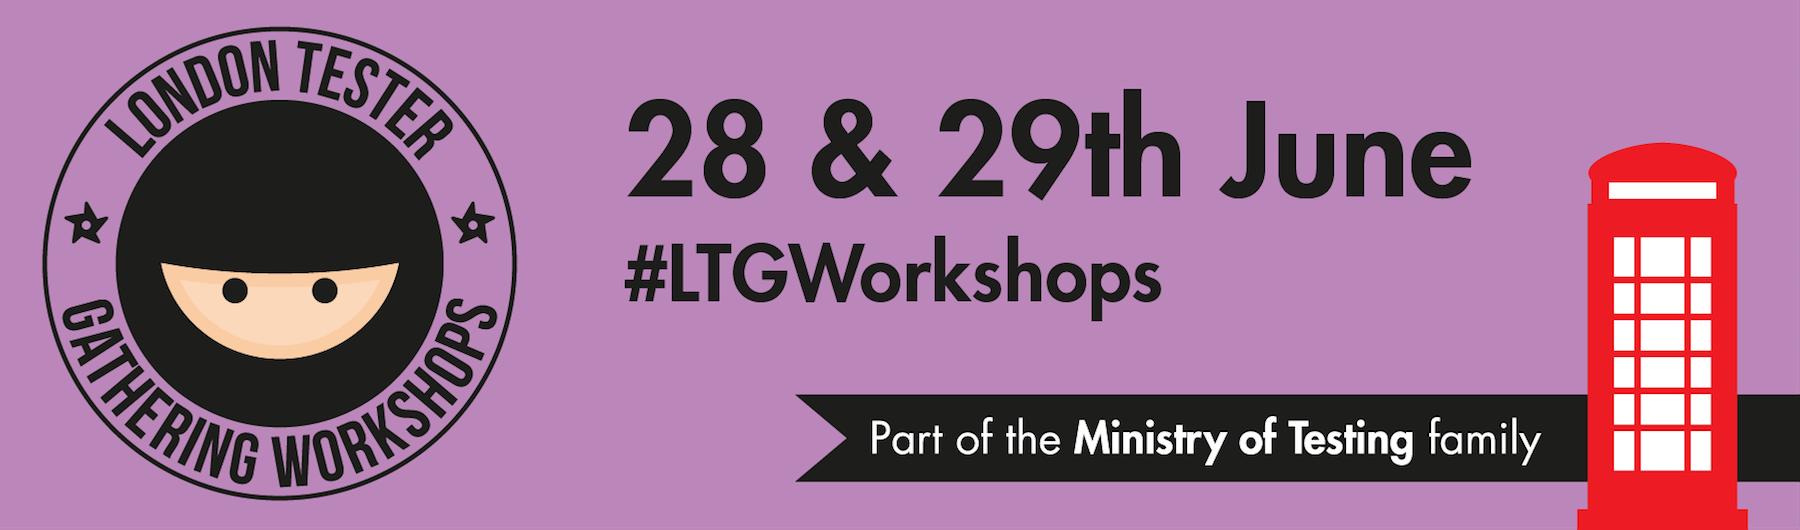 London Tester Gathering Workshops 2018